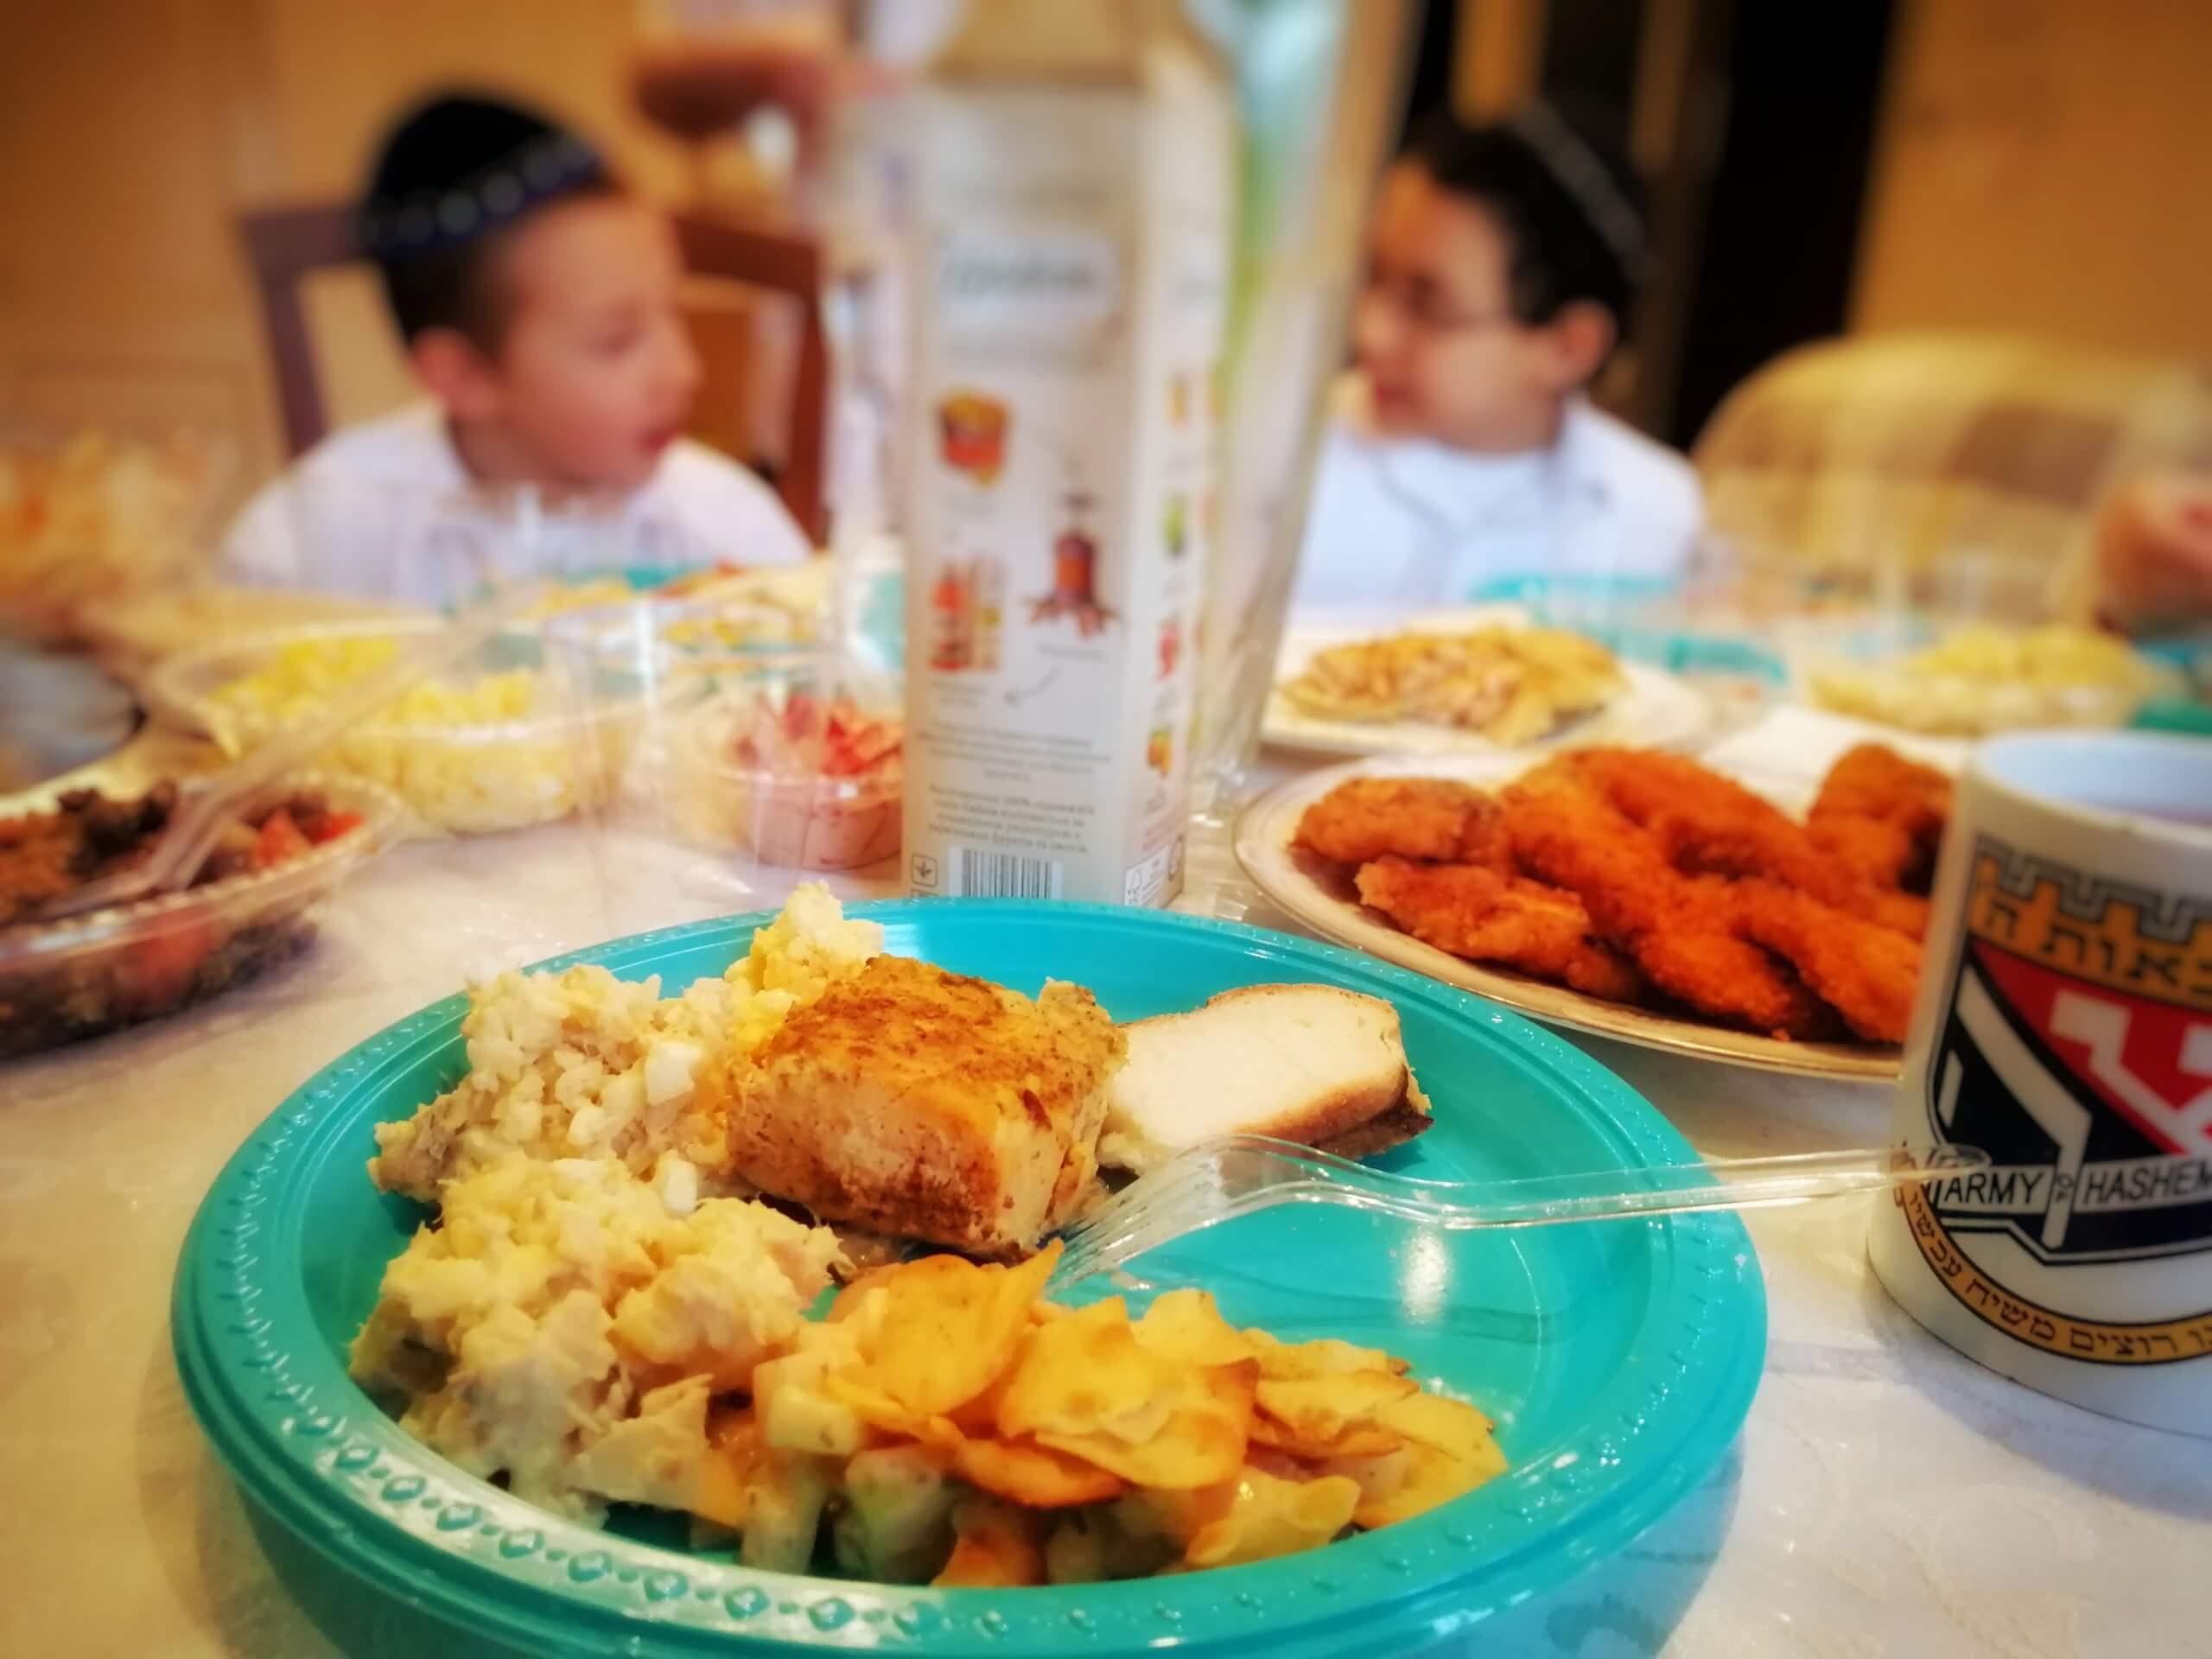 ユダヤ教徒の食事